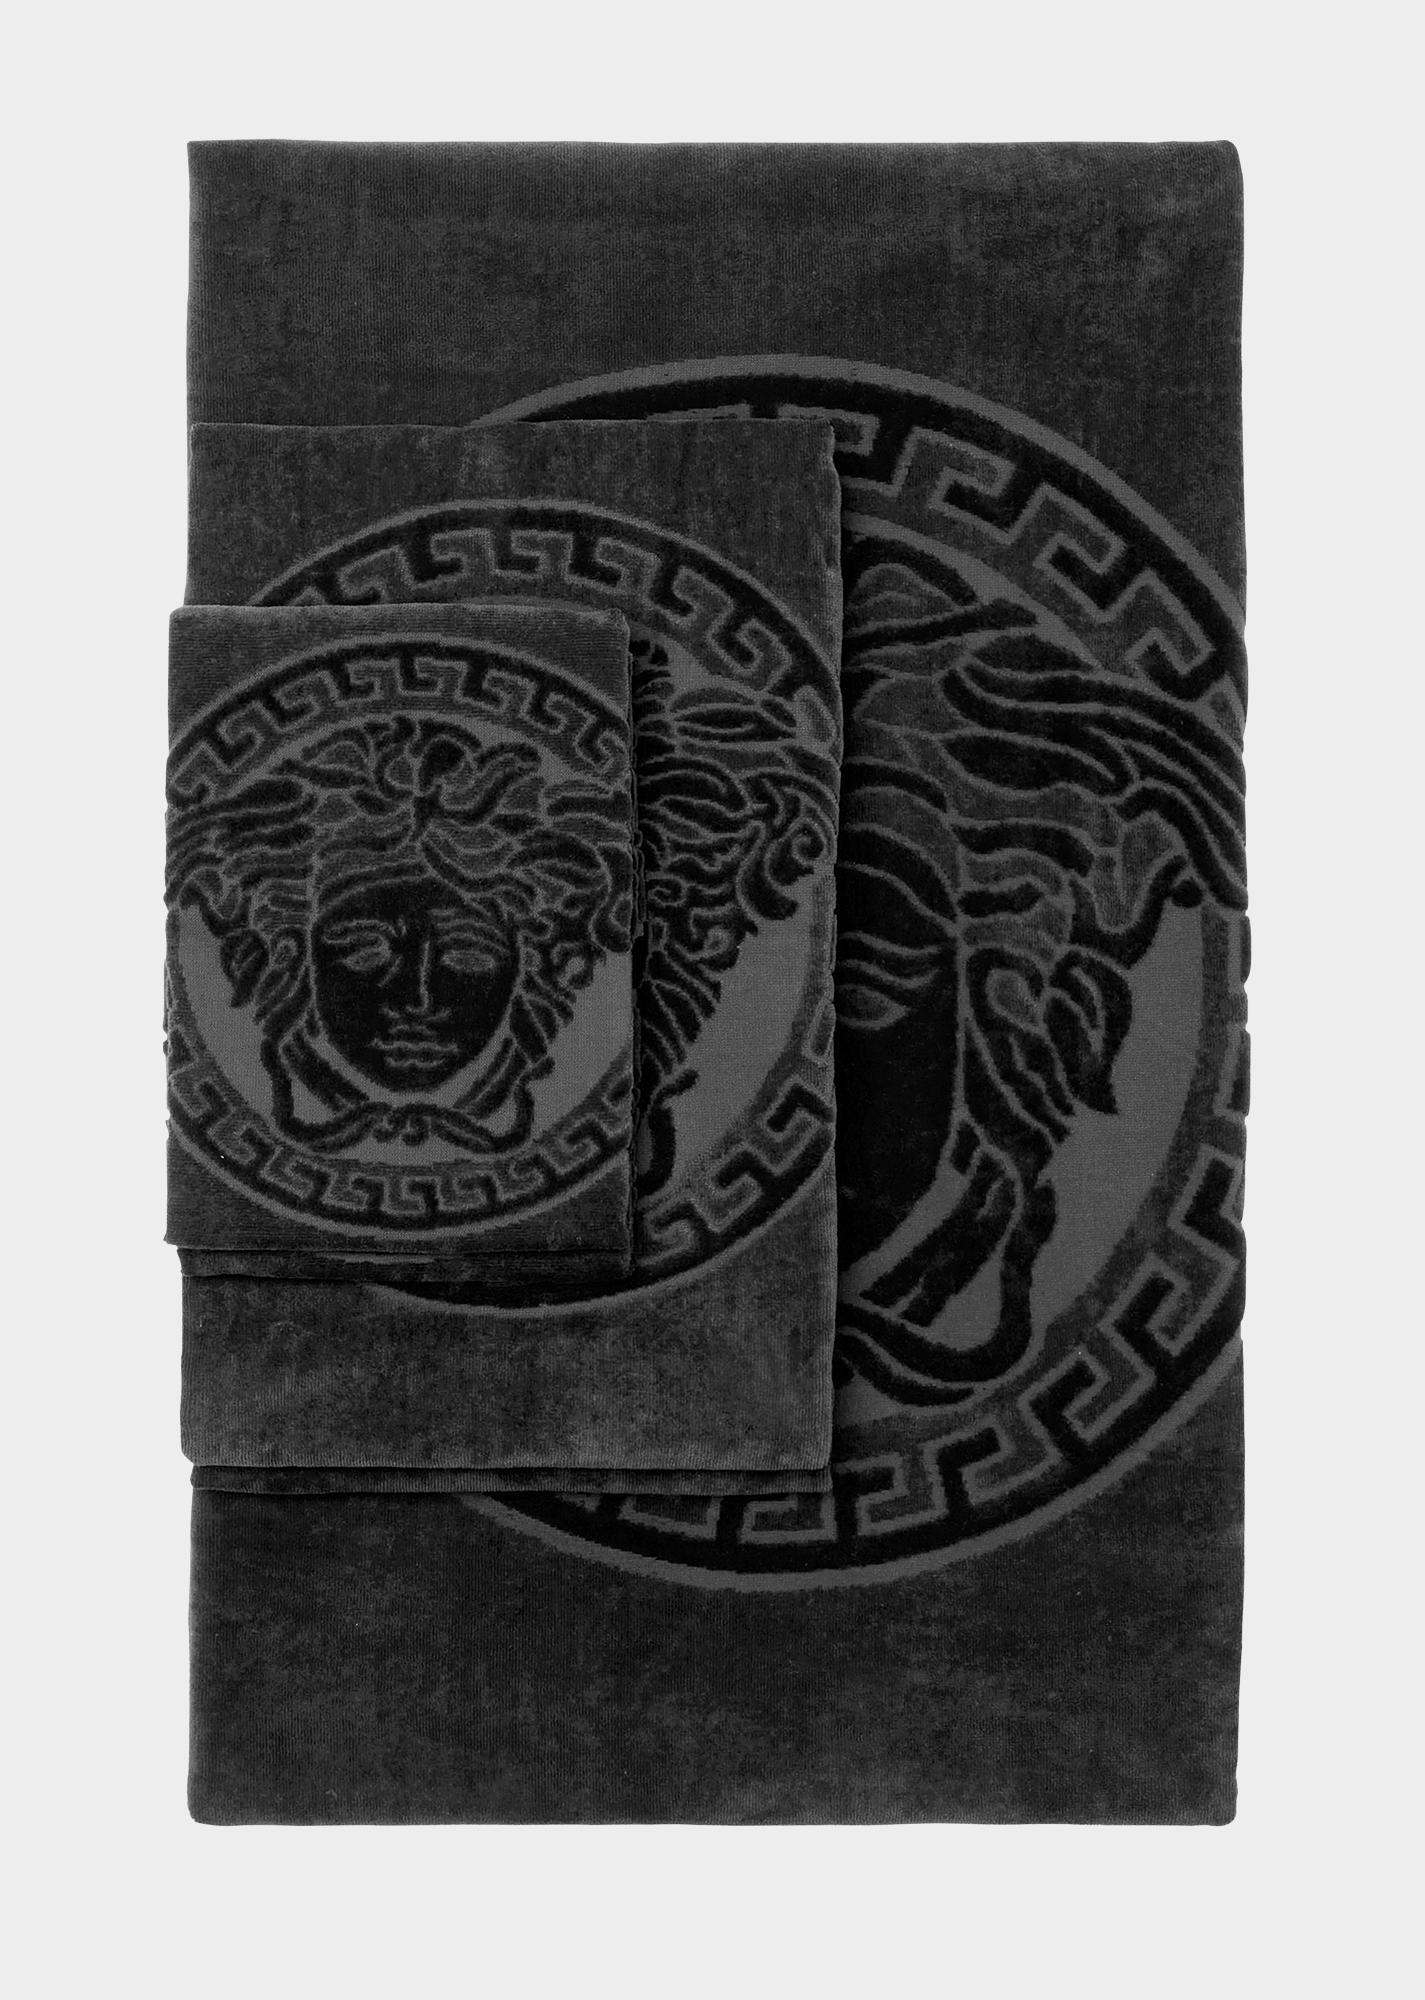 c5369e6ab825 Lot de 5 serviettes Medusa - Z4800 Versace Towels, Black Towels, Versace  Home,